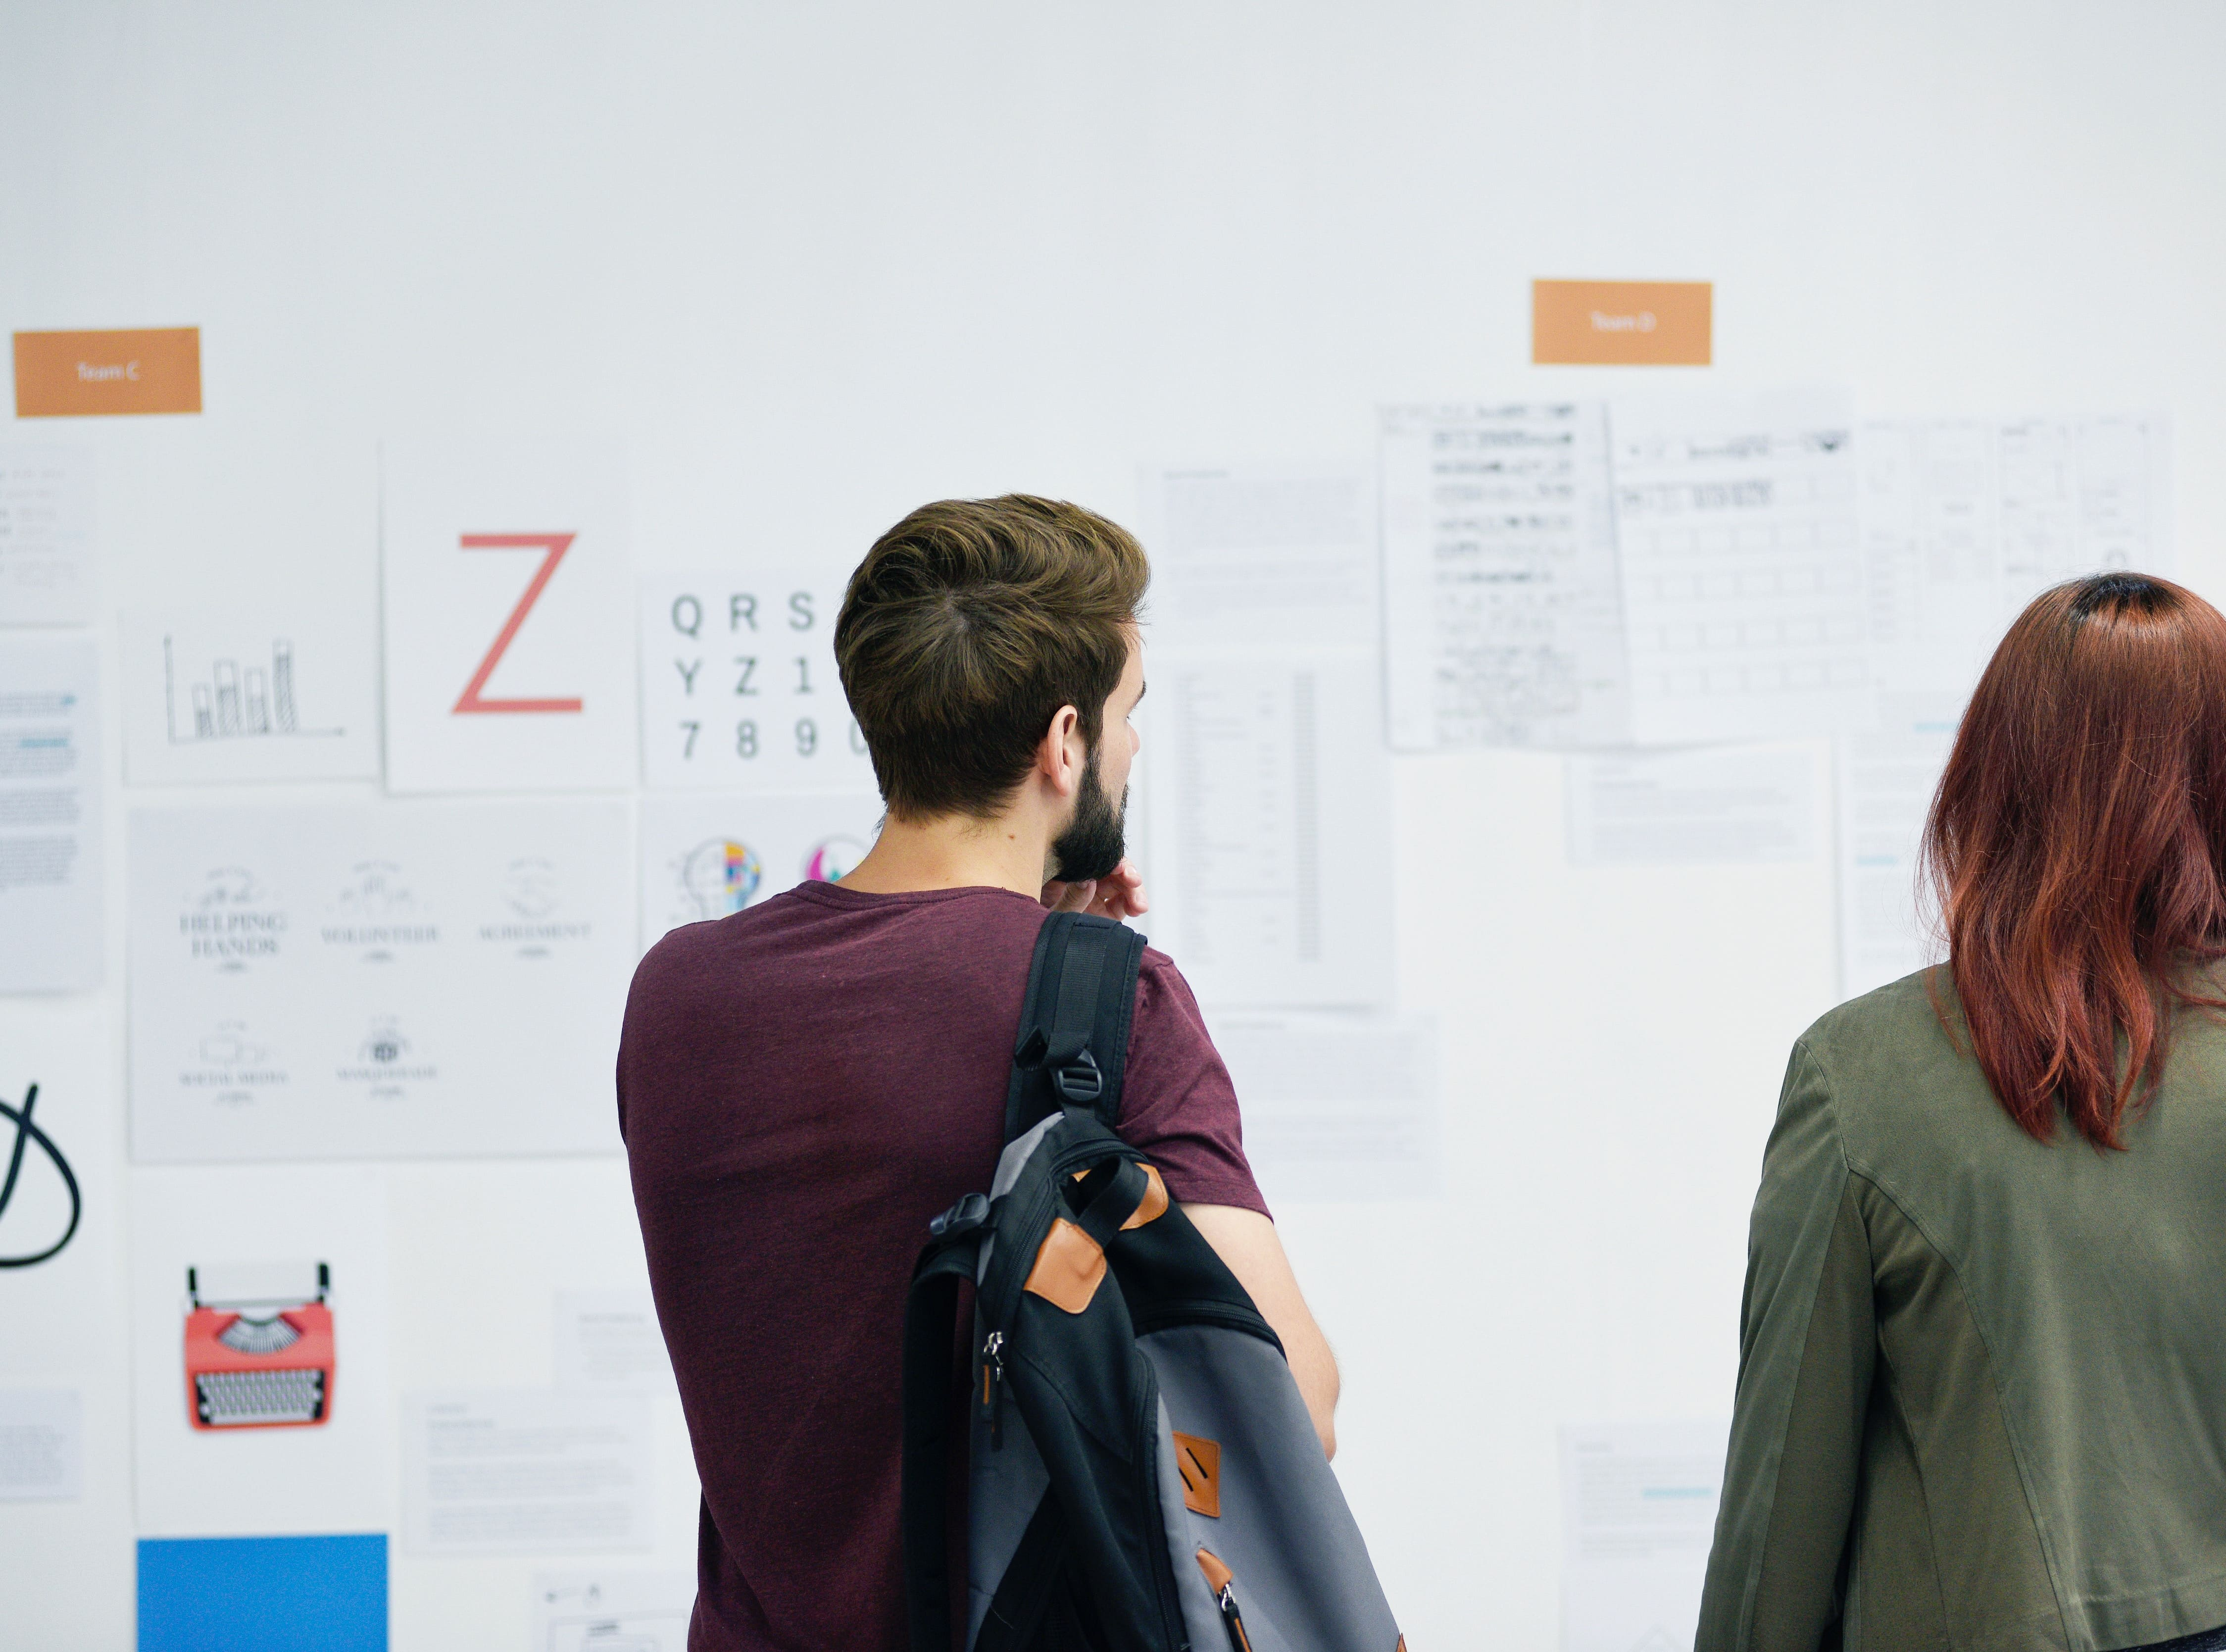 Hombre y mujer joven leyendo noticias en tablón de anuncios